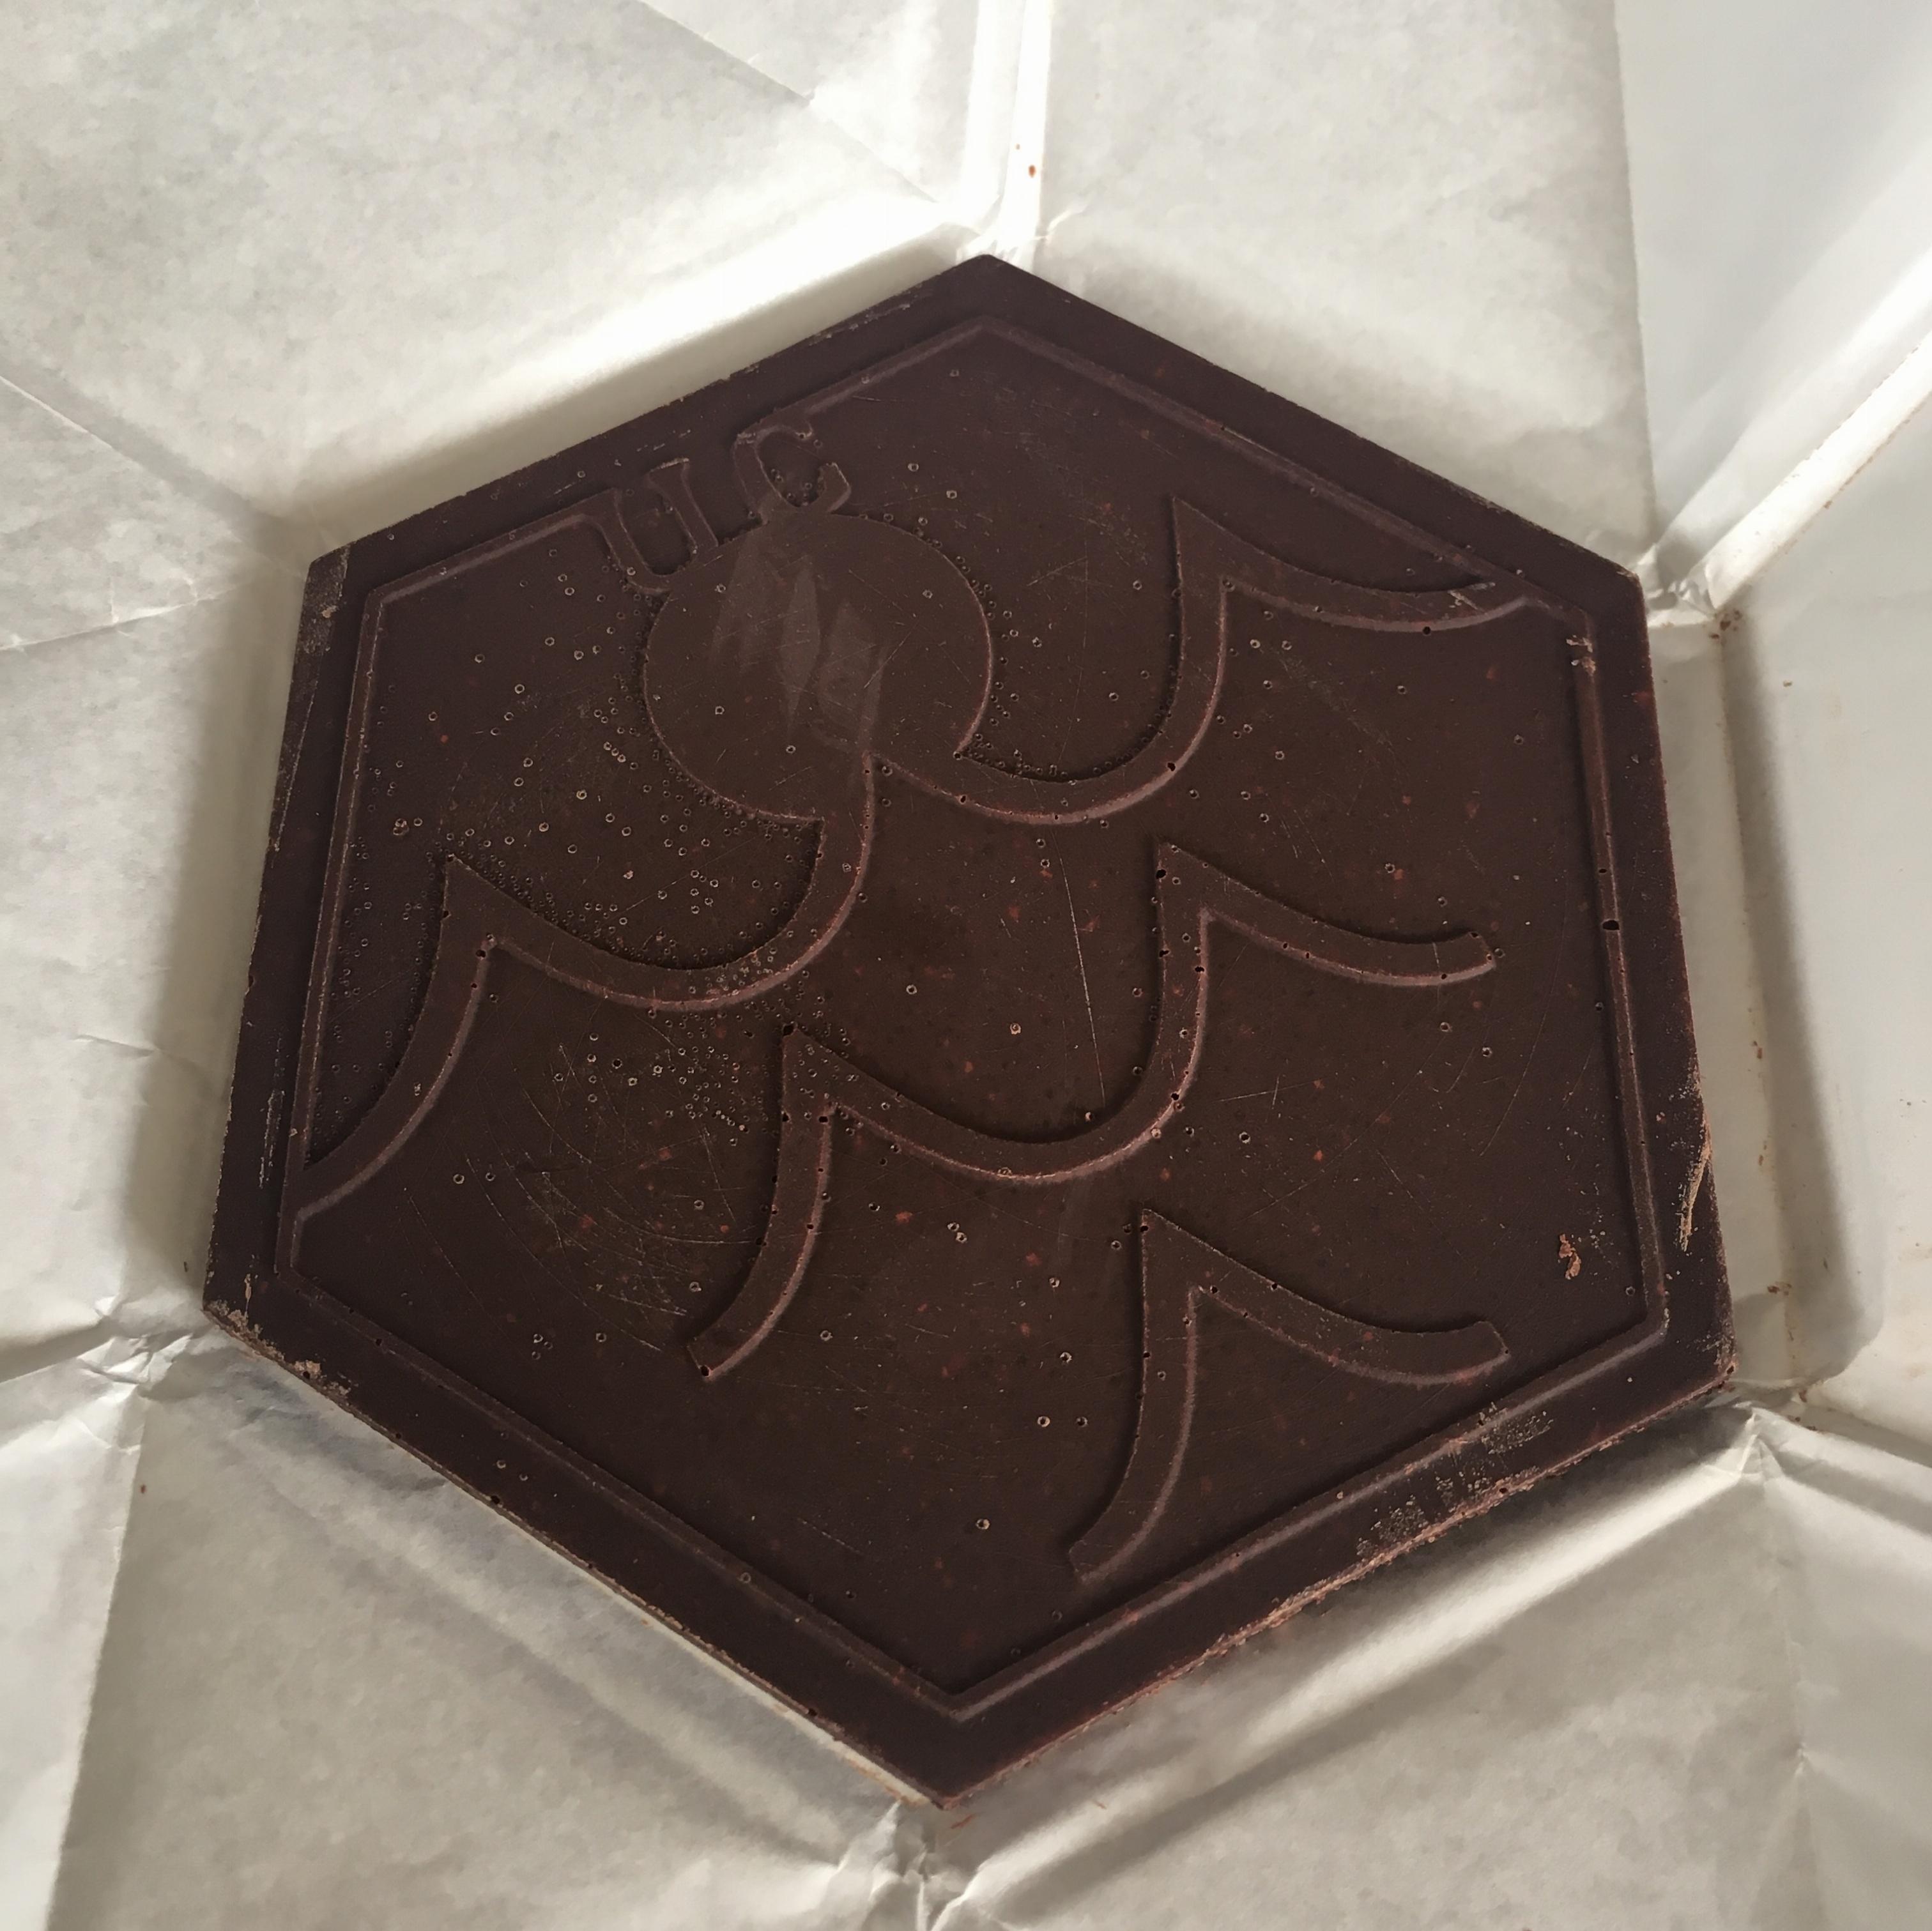 【広島・尾道】こんなチョコレートはじめて♪ カカオ豆と砂糖のみで作られる新鮮チョコレートはいかが? ♡_7